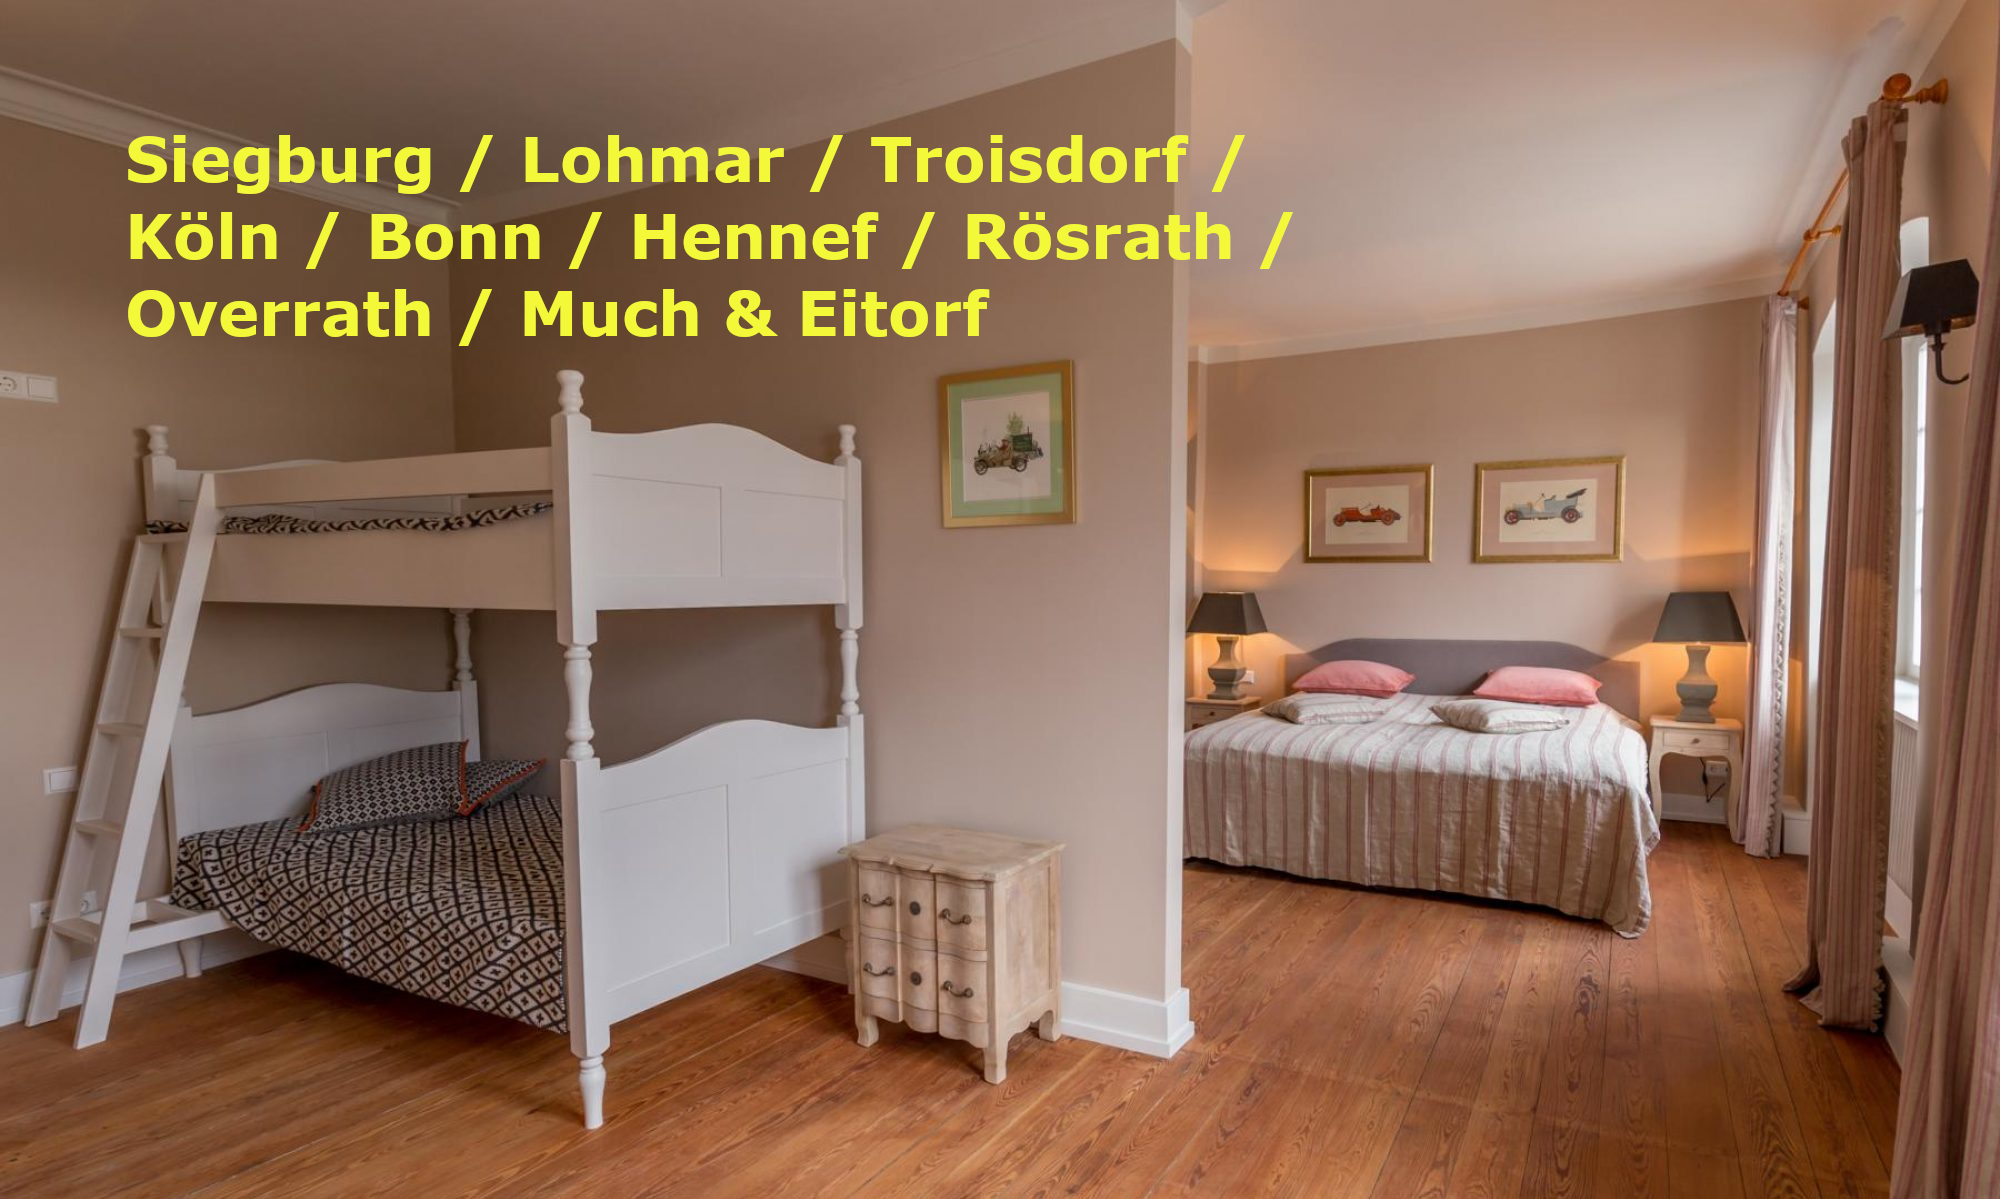 Wohnungen Heumann - preiswert wohnen. Tel: 0171-5290873 - HH@igel32.de